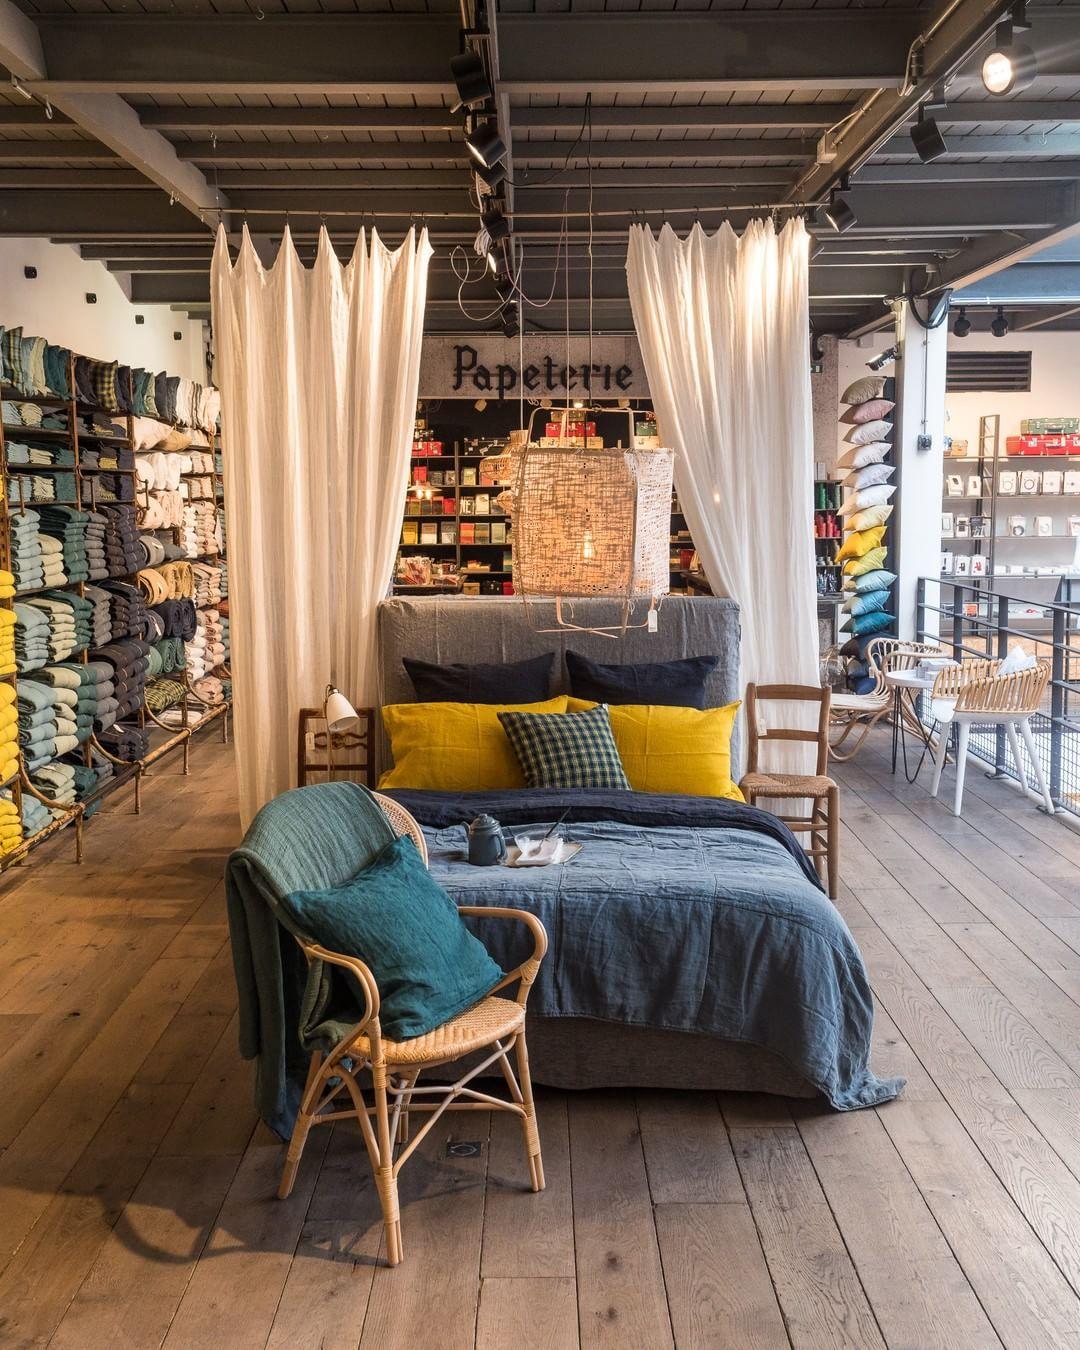 Cosy Atmosphere With This Color Palette Merciparis Mercilamaison Linen Bedlinen Color Palette Home Decor Linen Bedding